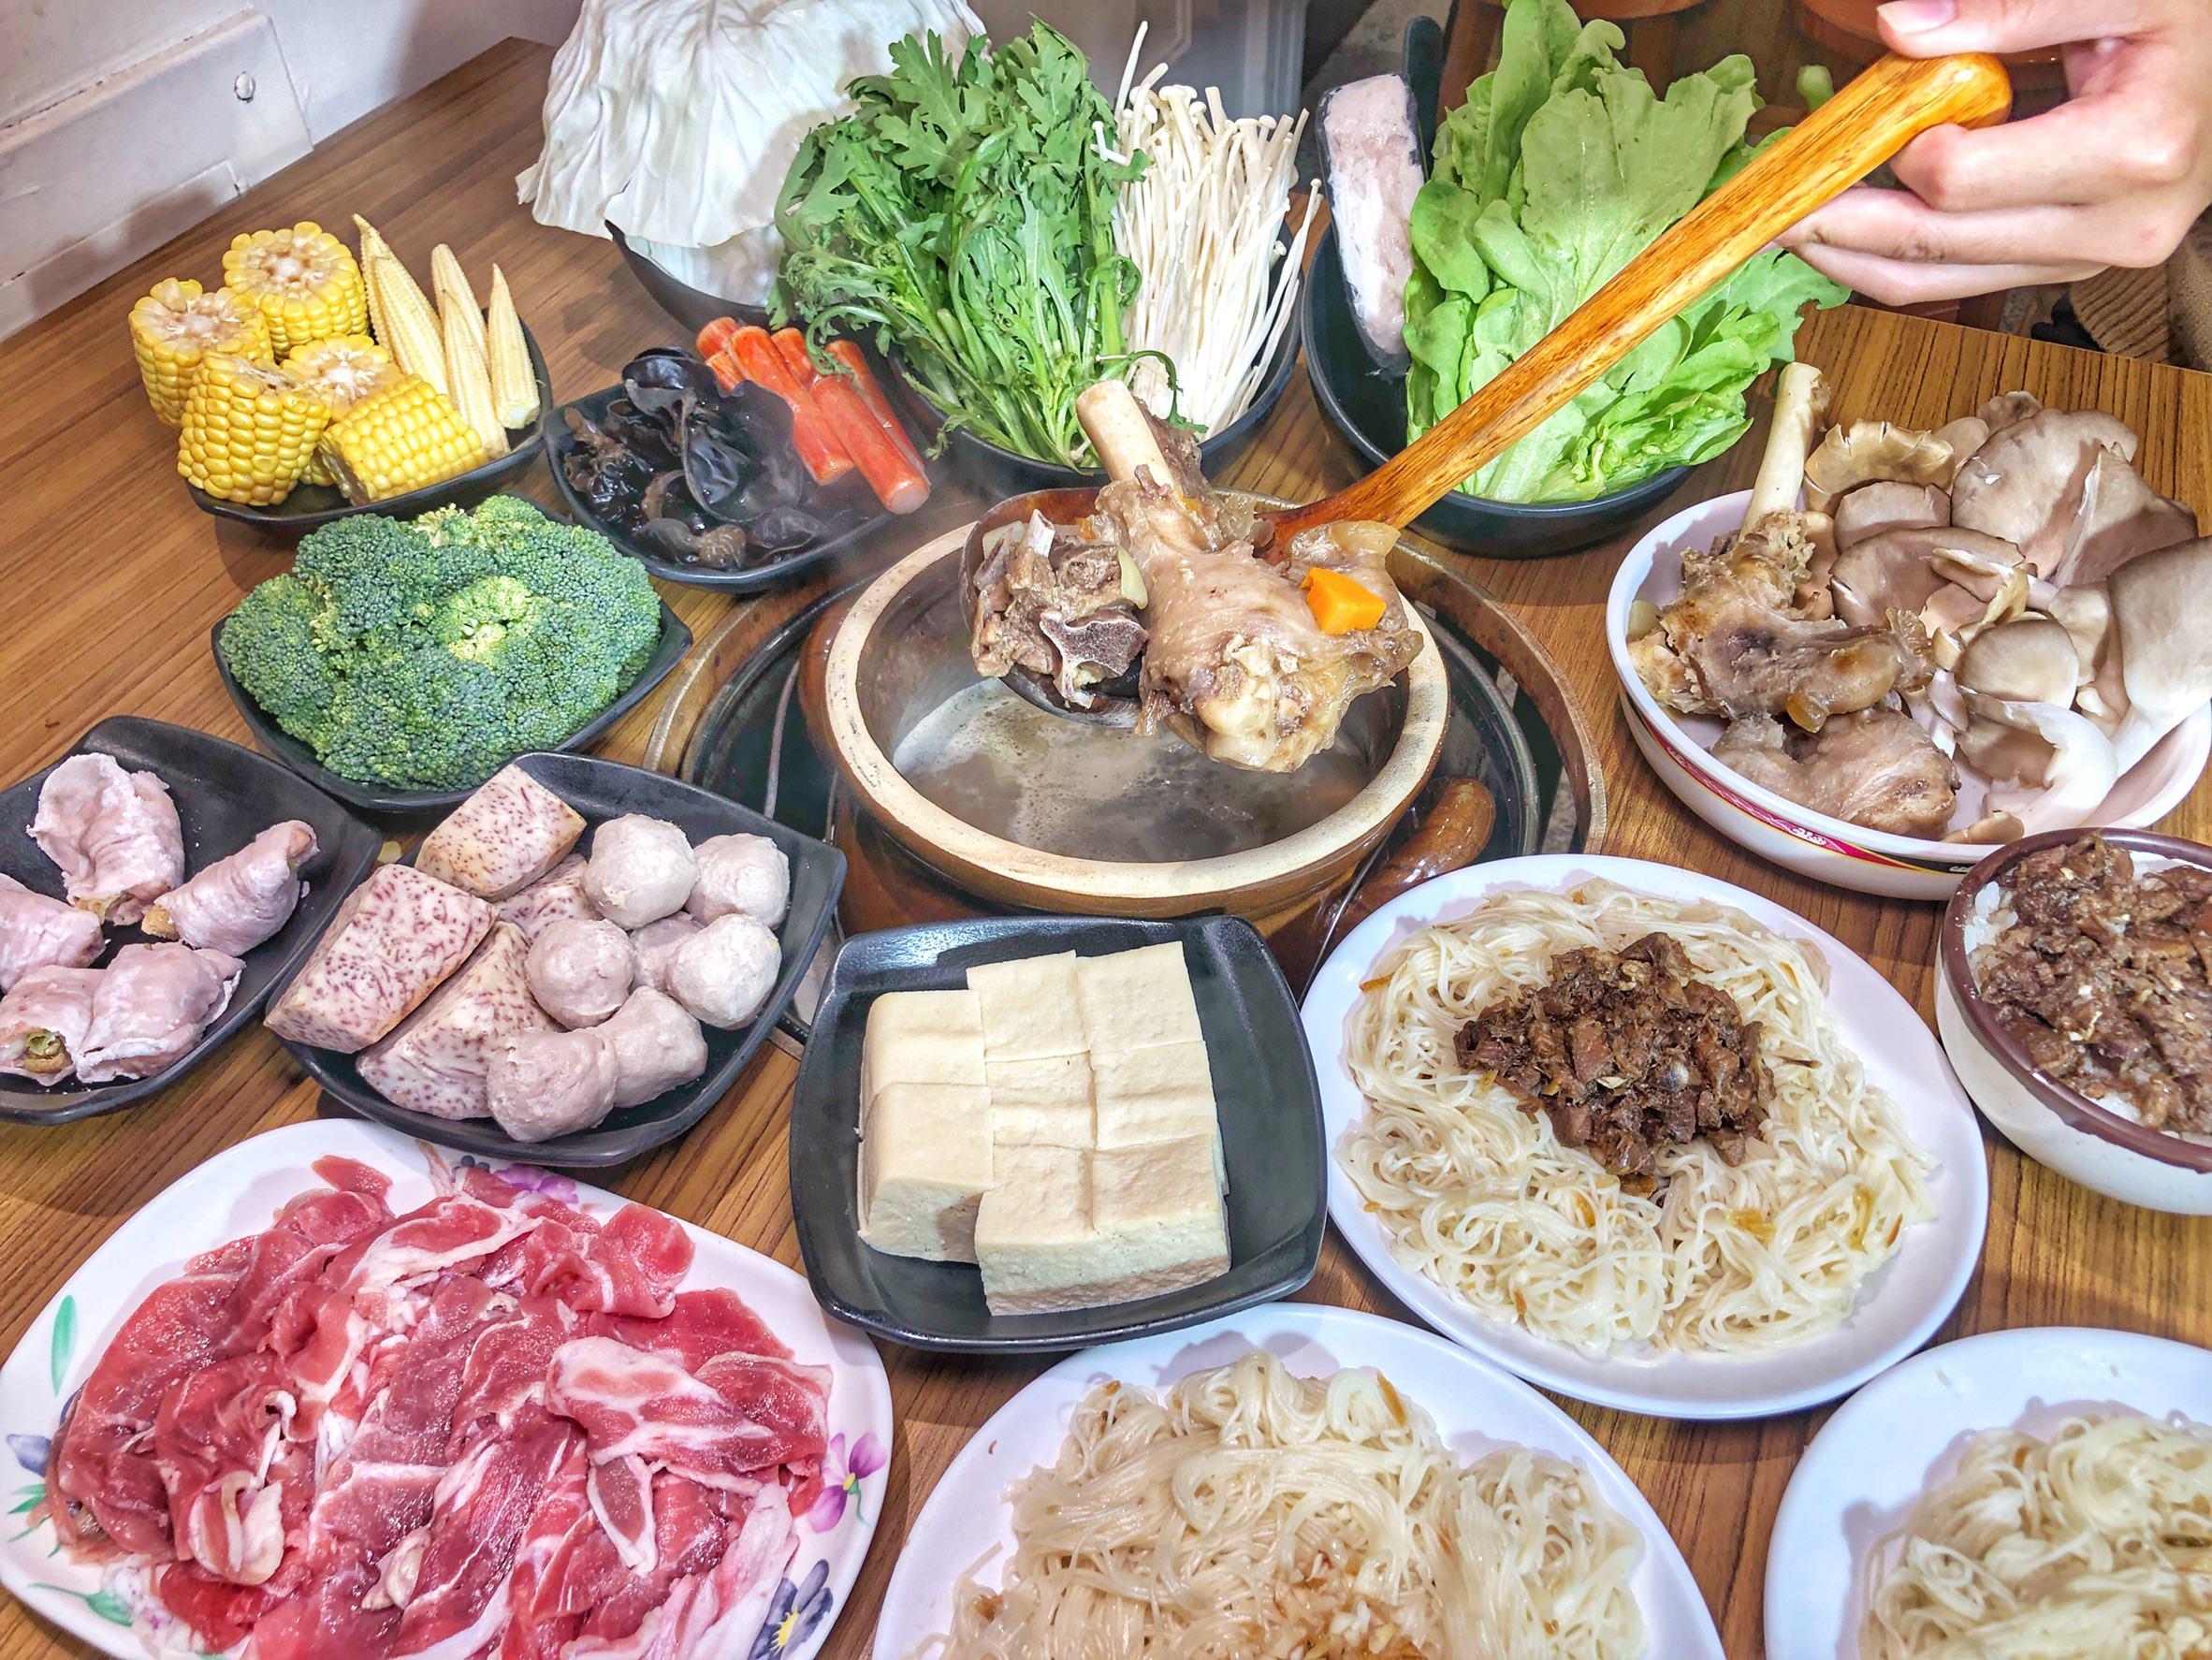 台南美食【鄉野炭燒羊肉爐 南紡店】傳承30年的古早味炭火羊肉爐 一年四季進補的好選擇